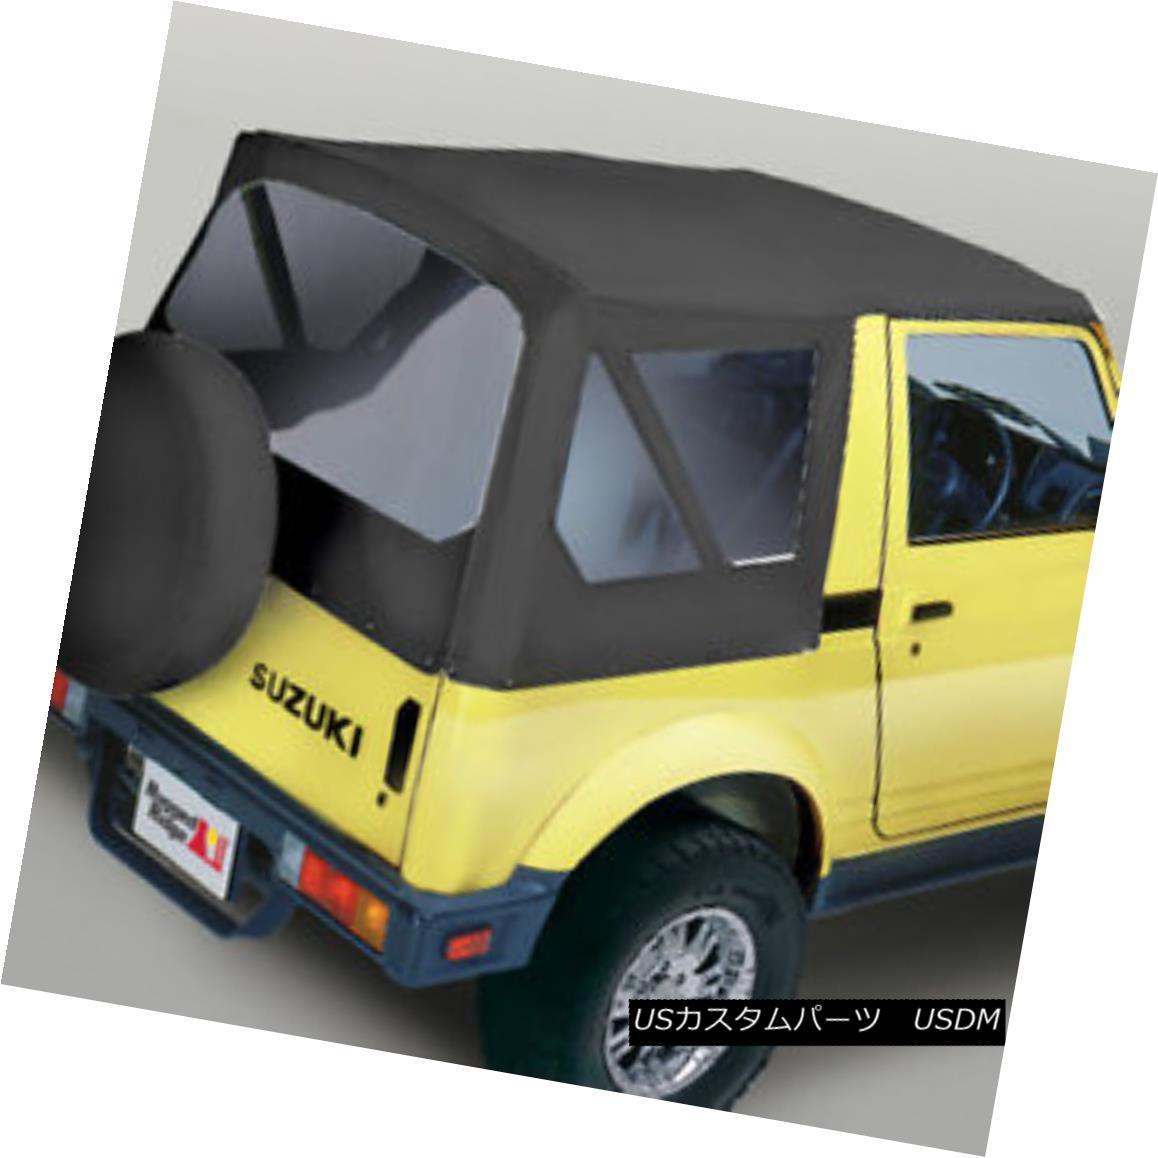 幌・ソフトトップ Rugged Ridge 53721.15 XHD Soft Top Black Denim Clear Windows Suzuki Samurais Rugged Ridge 53721.15 XHDソフトトップブラックデニムクリアウィンドウズSuzuki Samurais